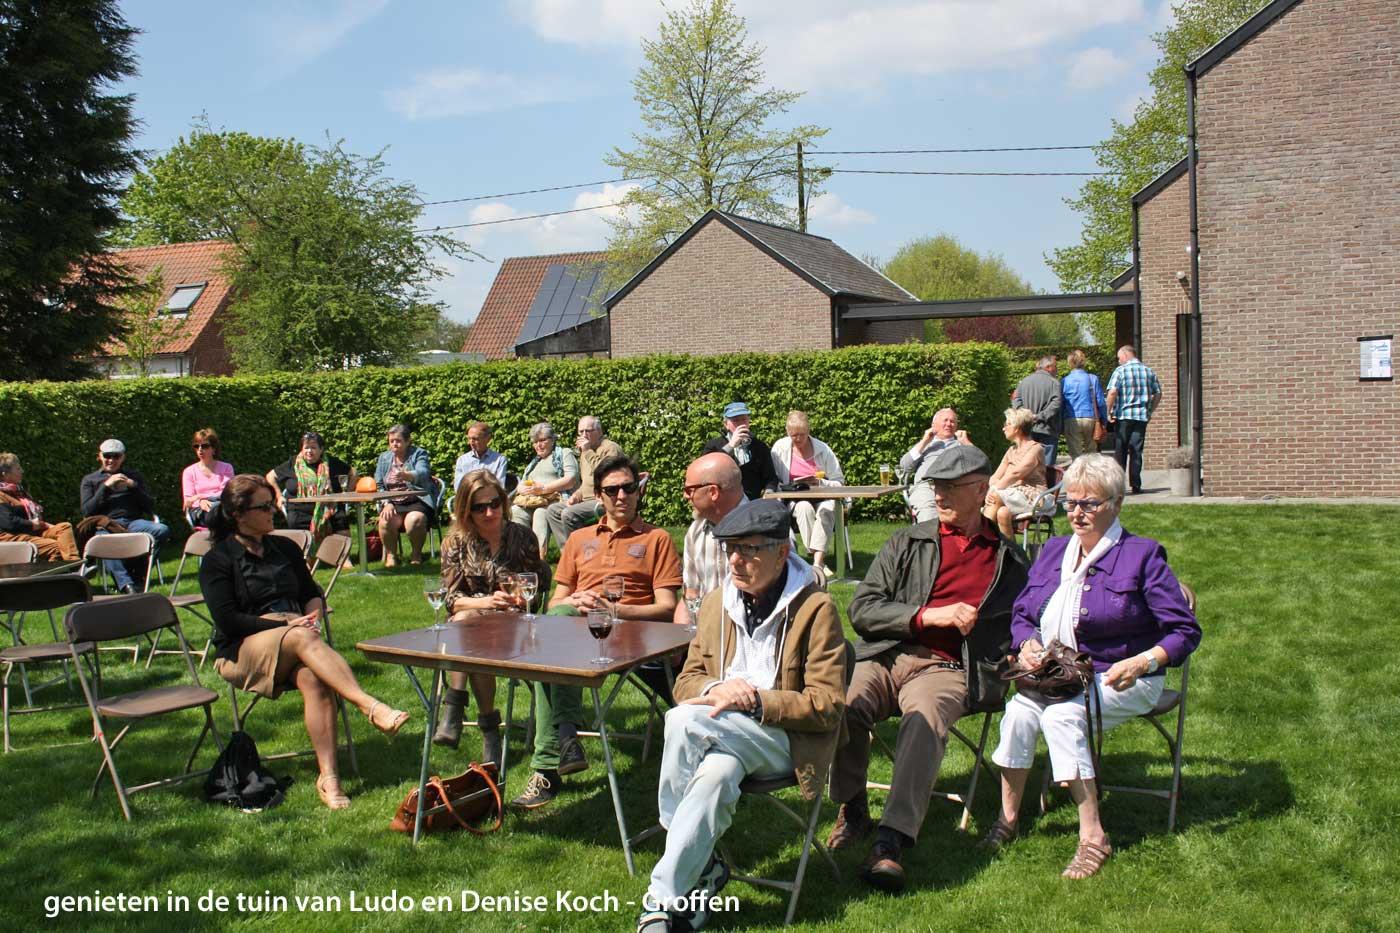 Mooi weer lokt veel volk naar talent in de tuin de polder for Vliegen in de tuin